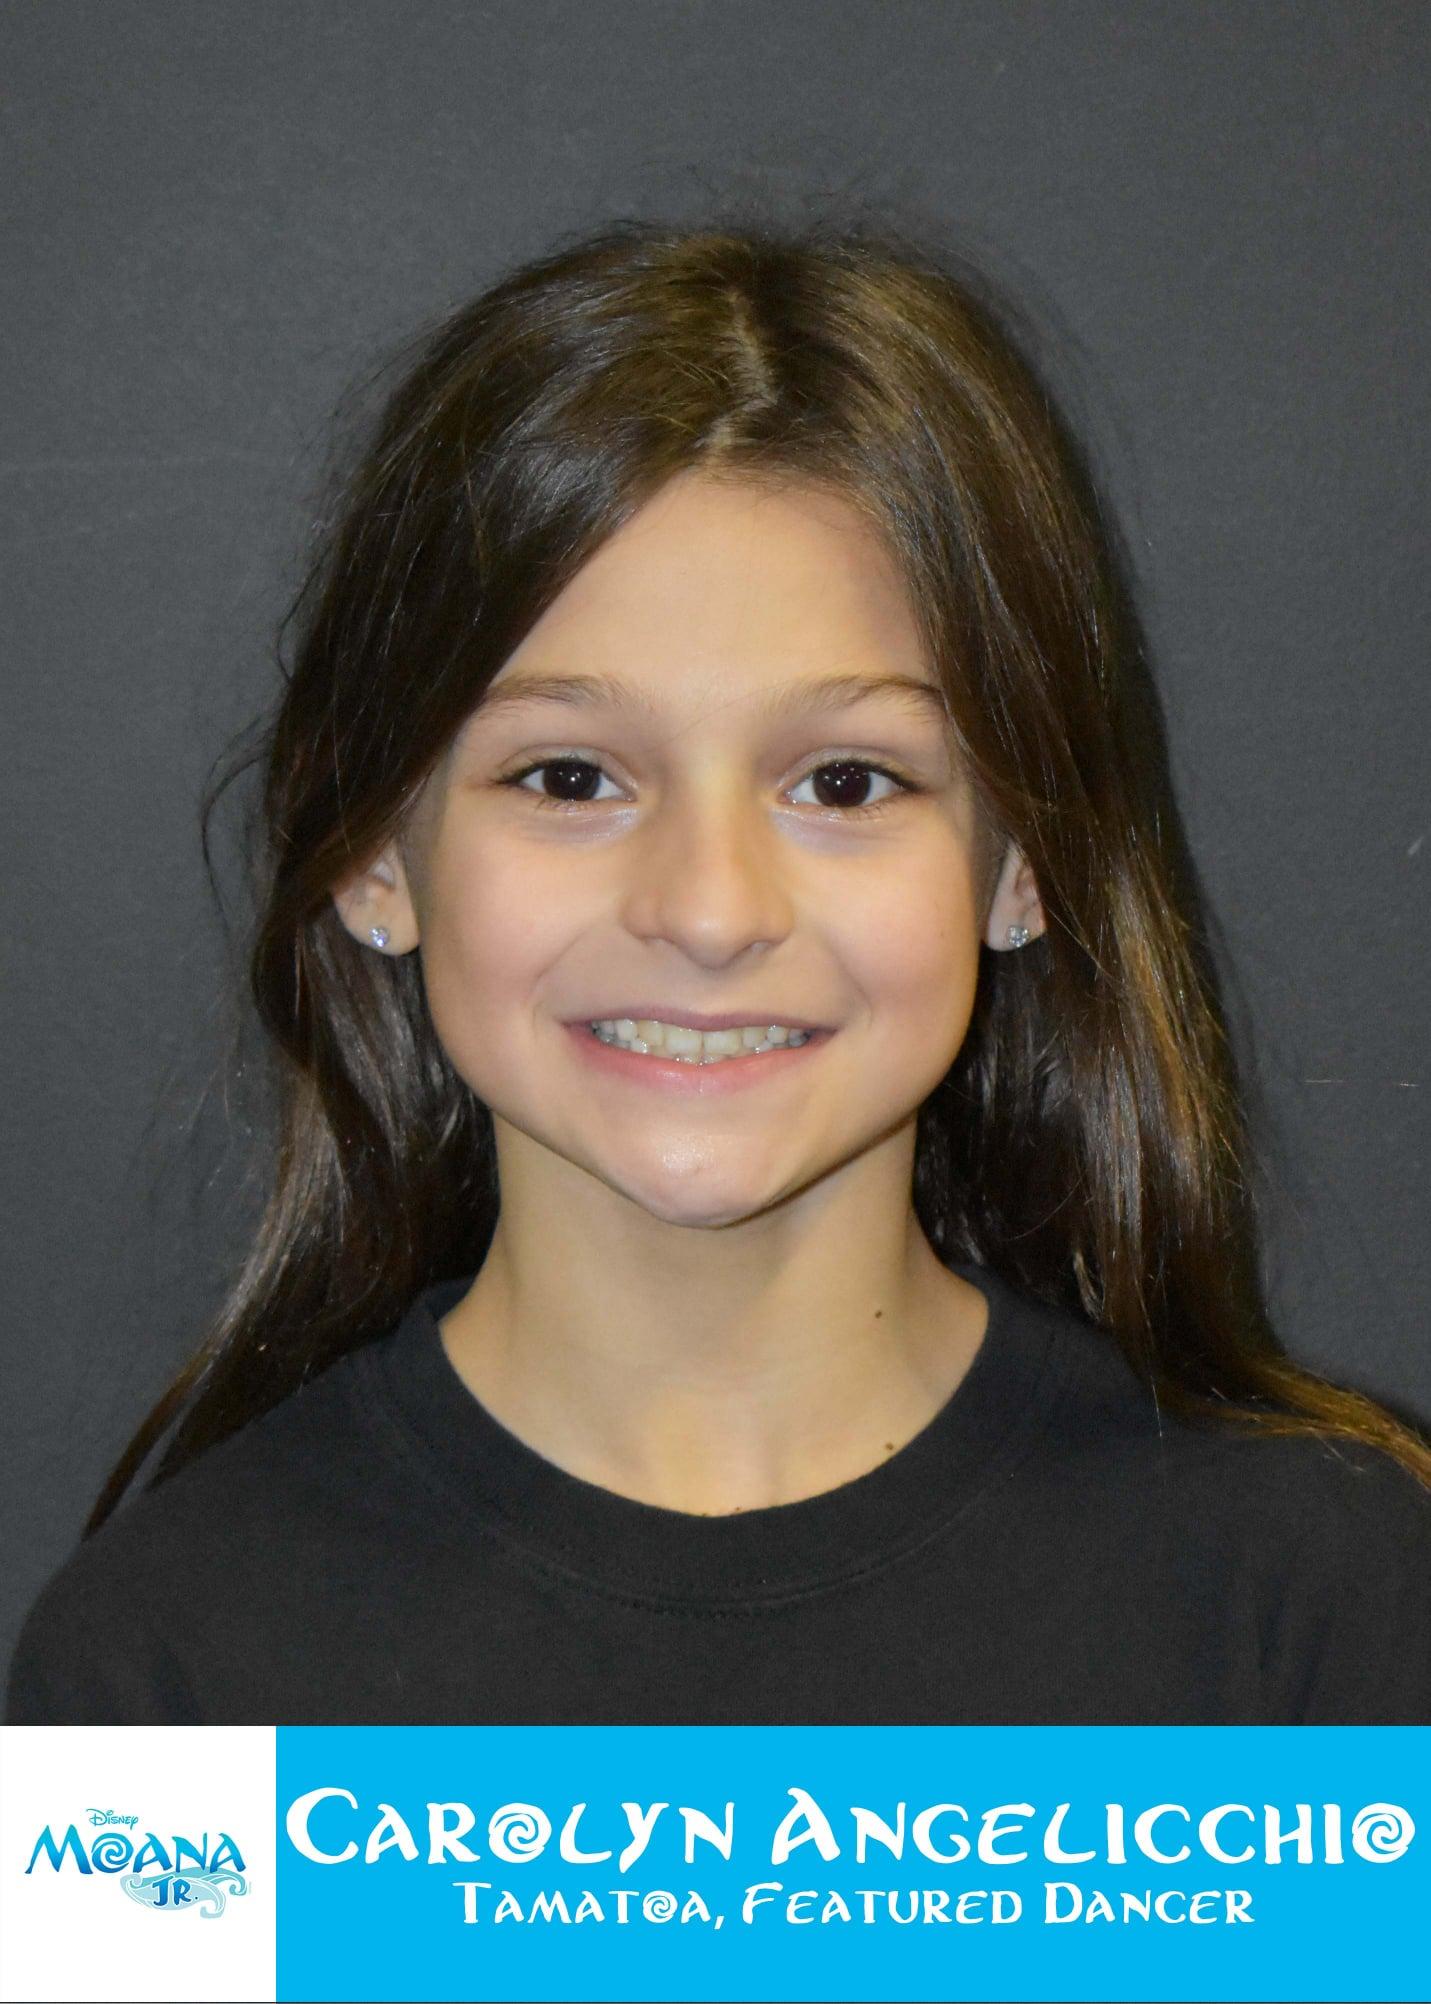 Carolyn Angelicchio